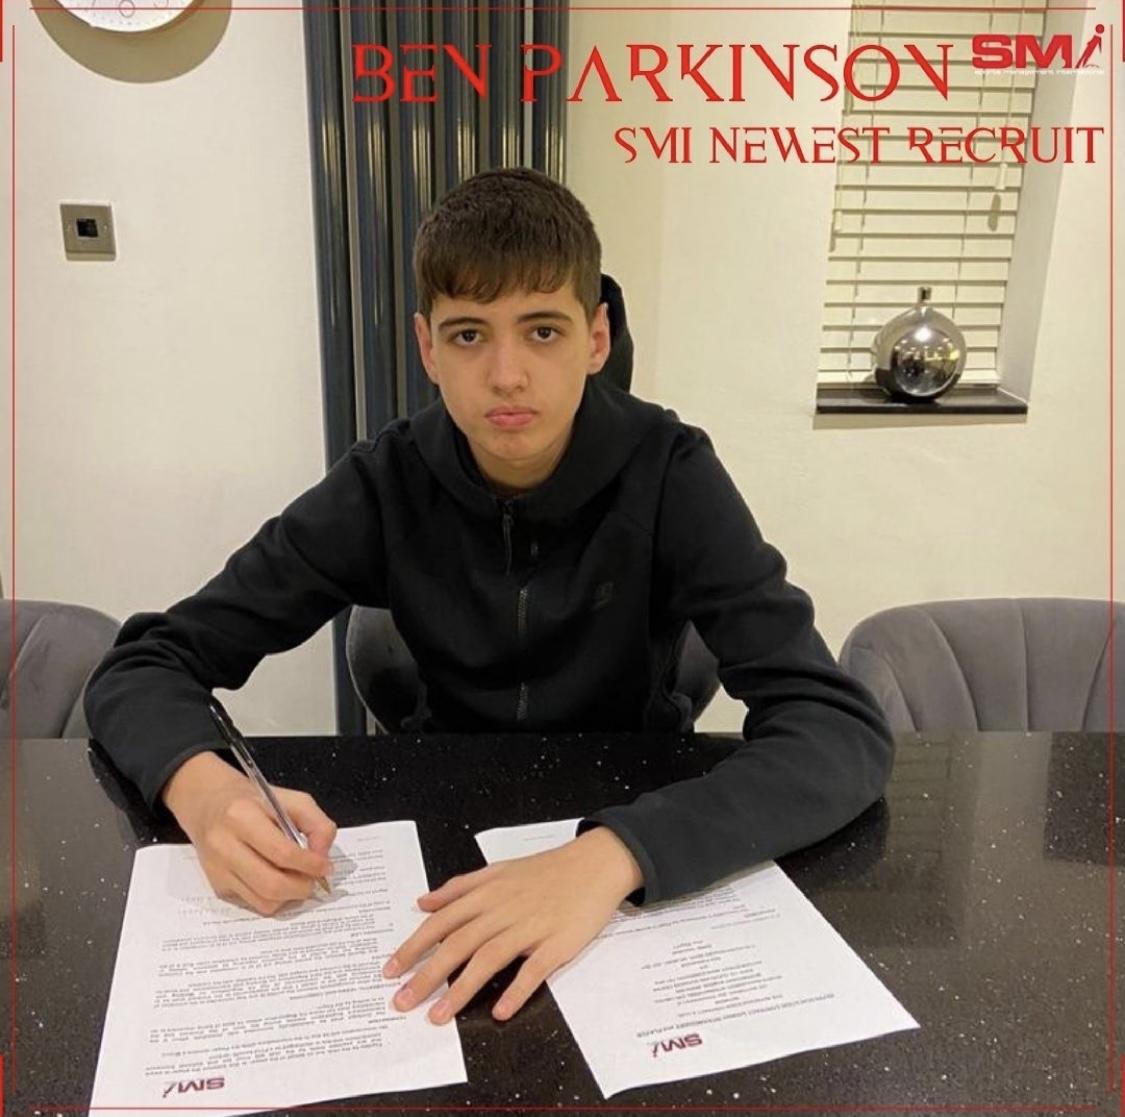 New Recruit Ben Parkinson